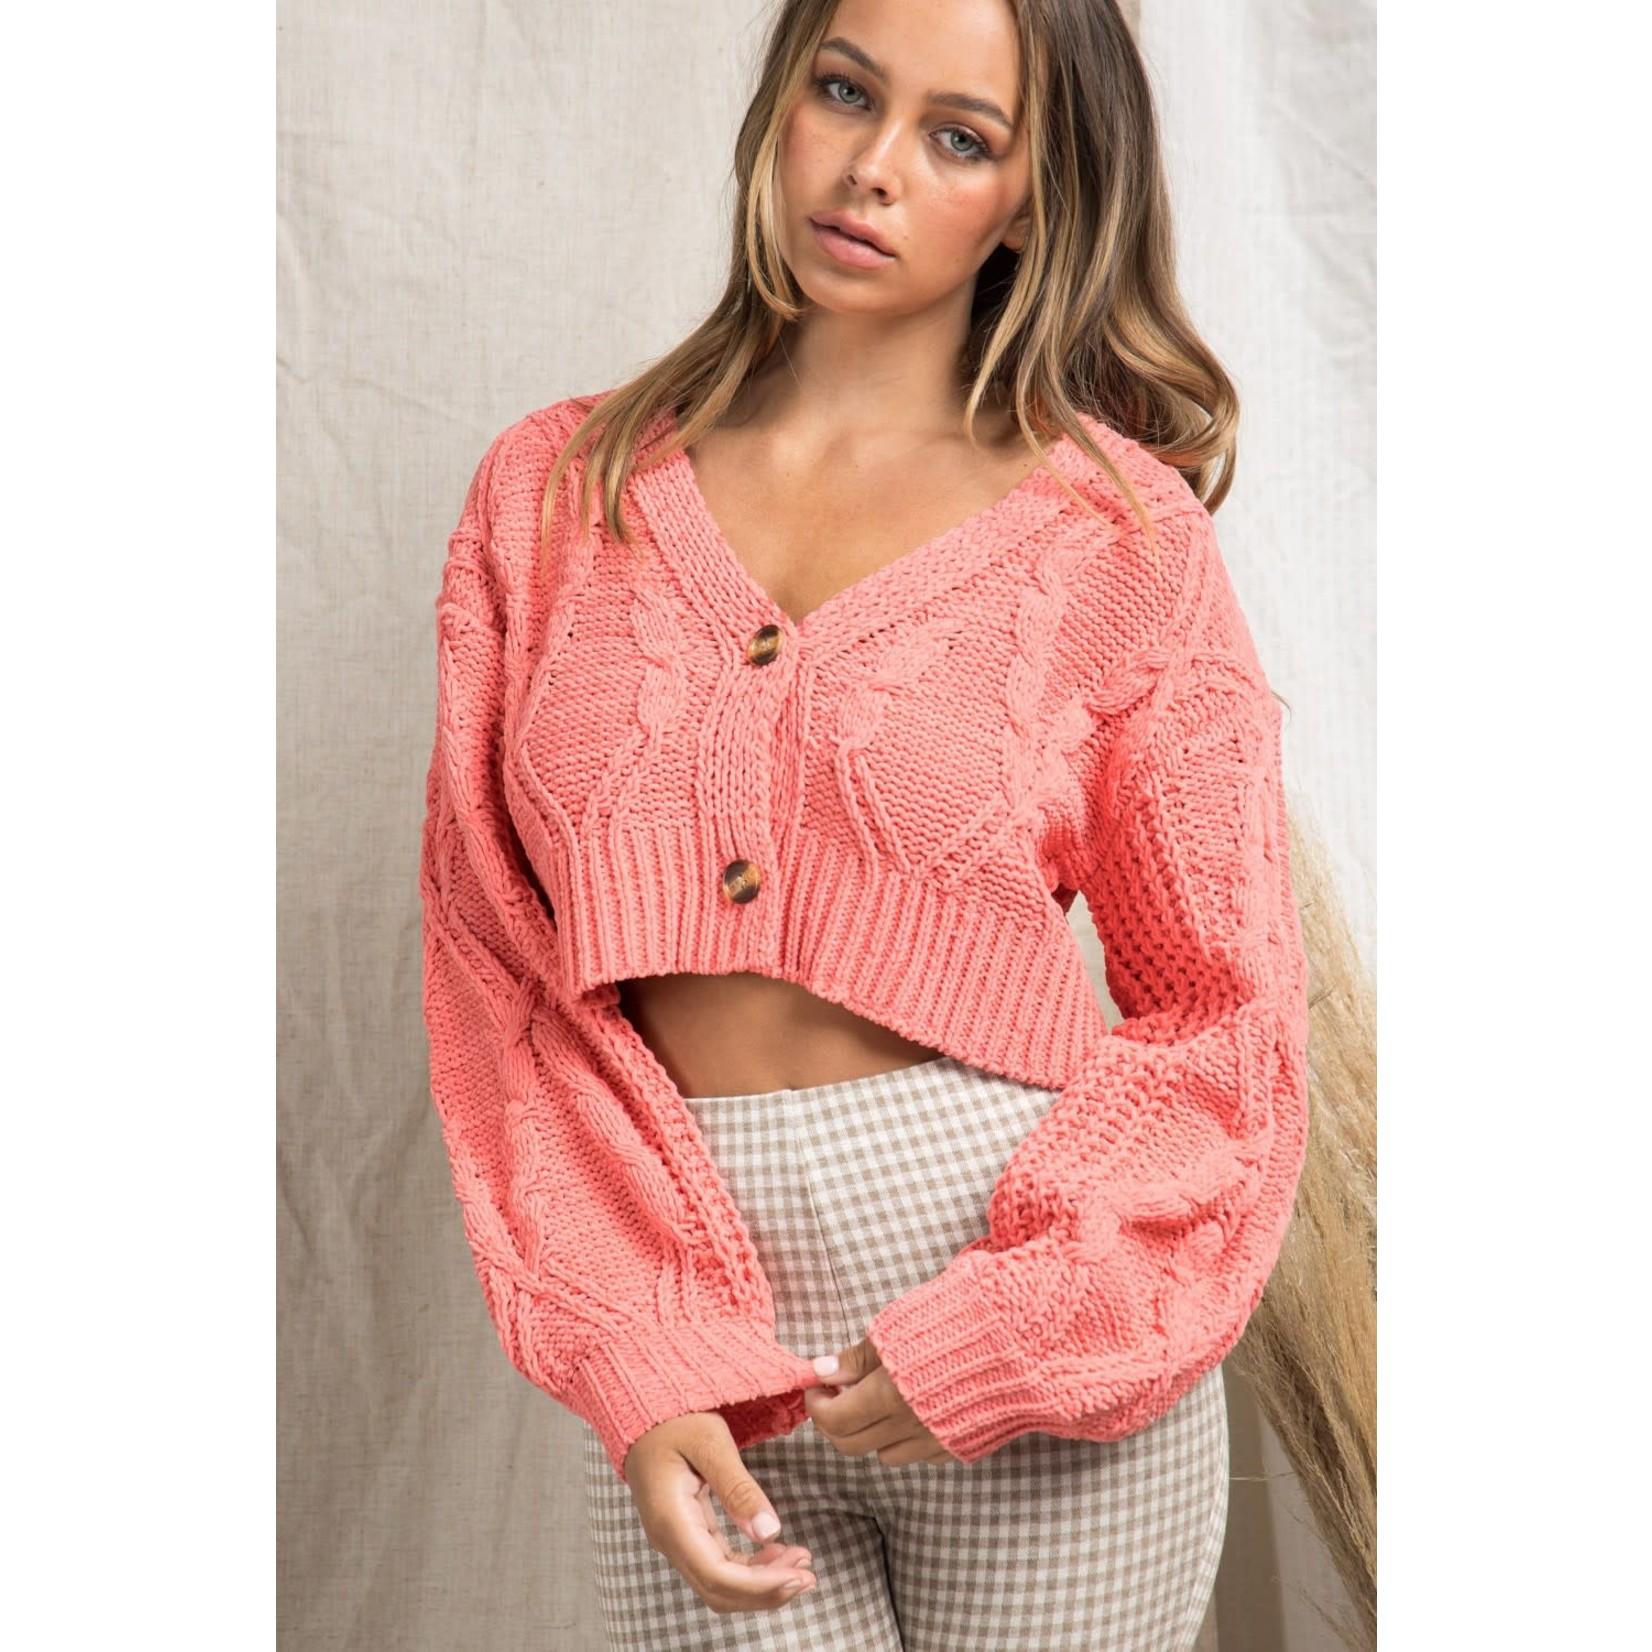 EM & ELLE Let It Out Sweater